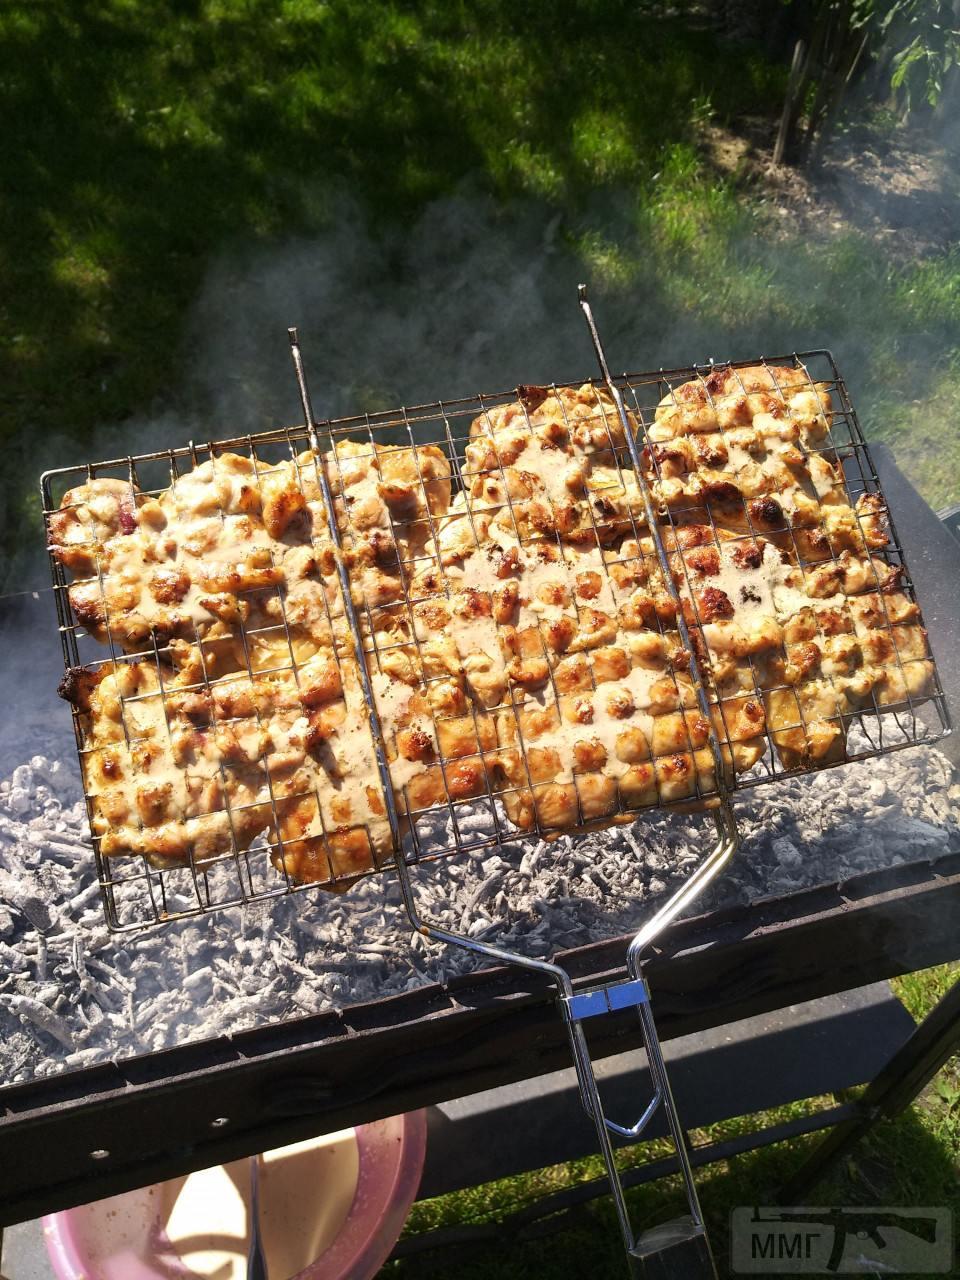 105081 - Закуски на огне (мангал, барбекю и т.д.) и кулинария вообще. Советы и рецепты.